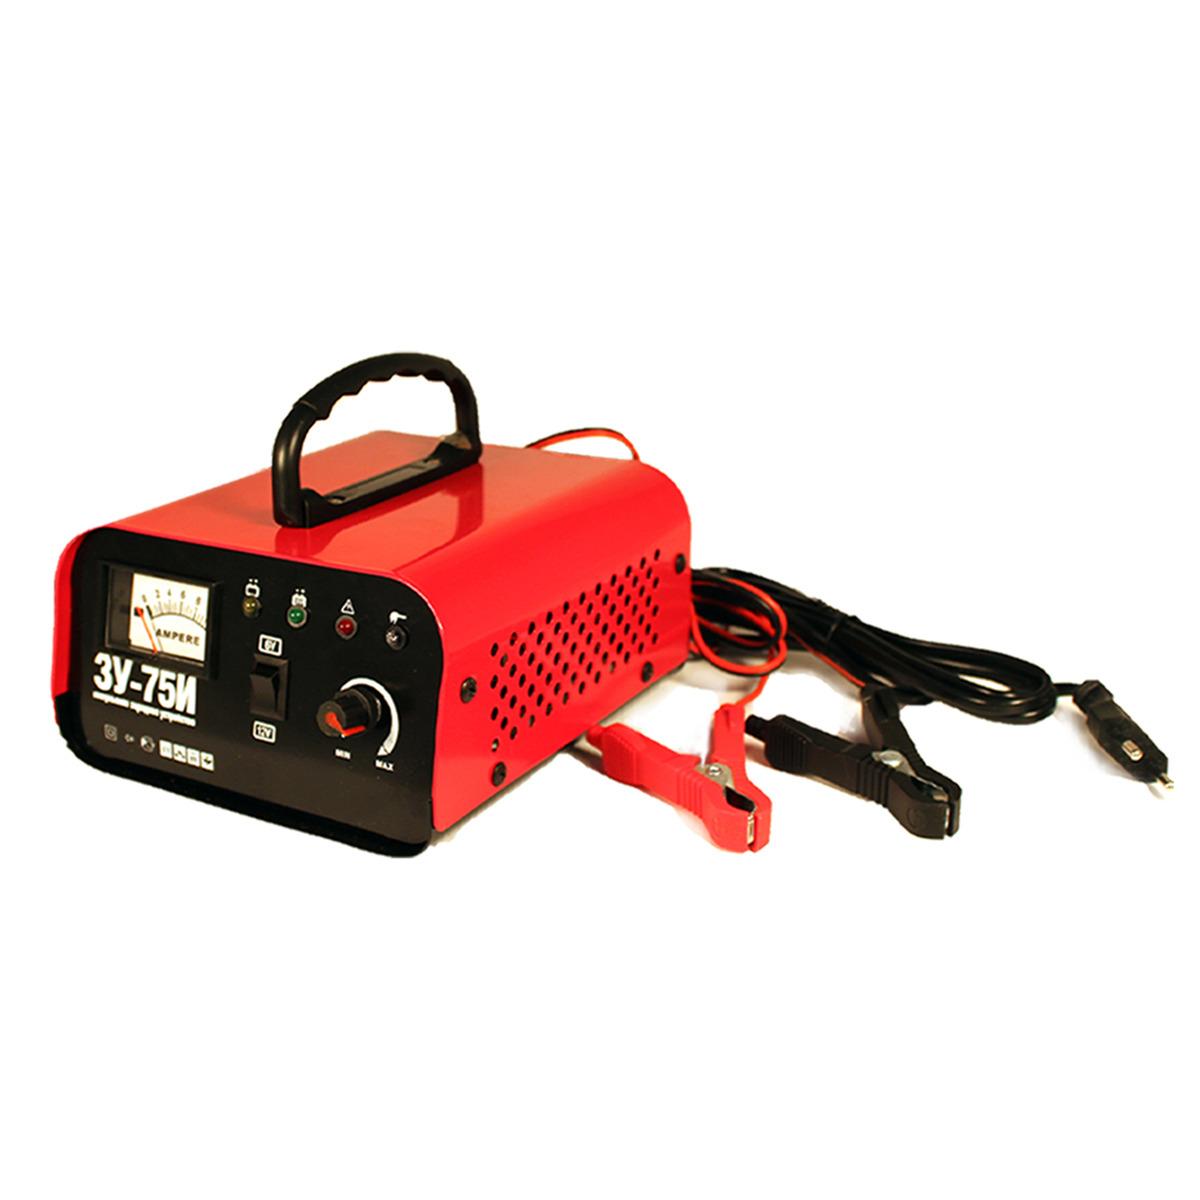 Пуско-зарядное устройство Technoking 46430 автомобильное зарядное устройство technoking зу 75и для аккумуляторов 6 12 в 10 а 46430 красный